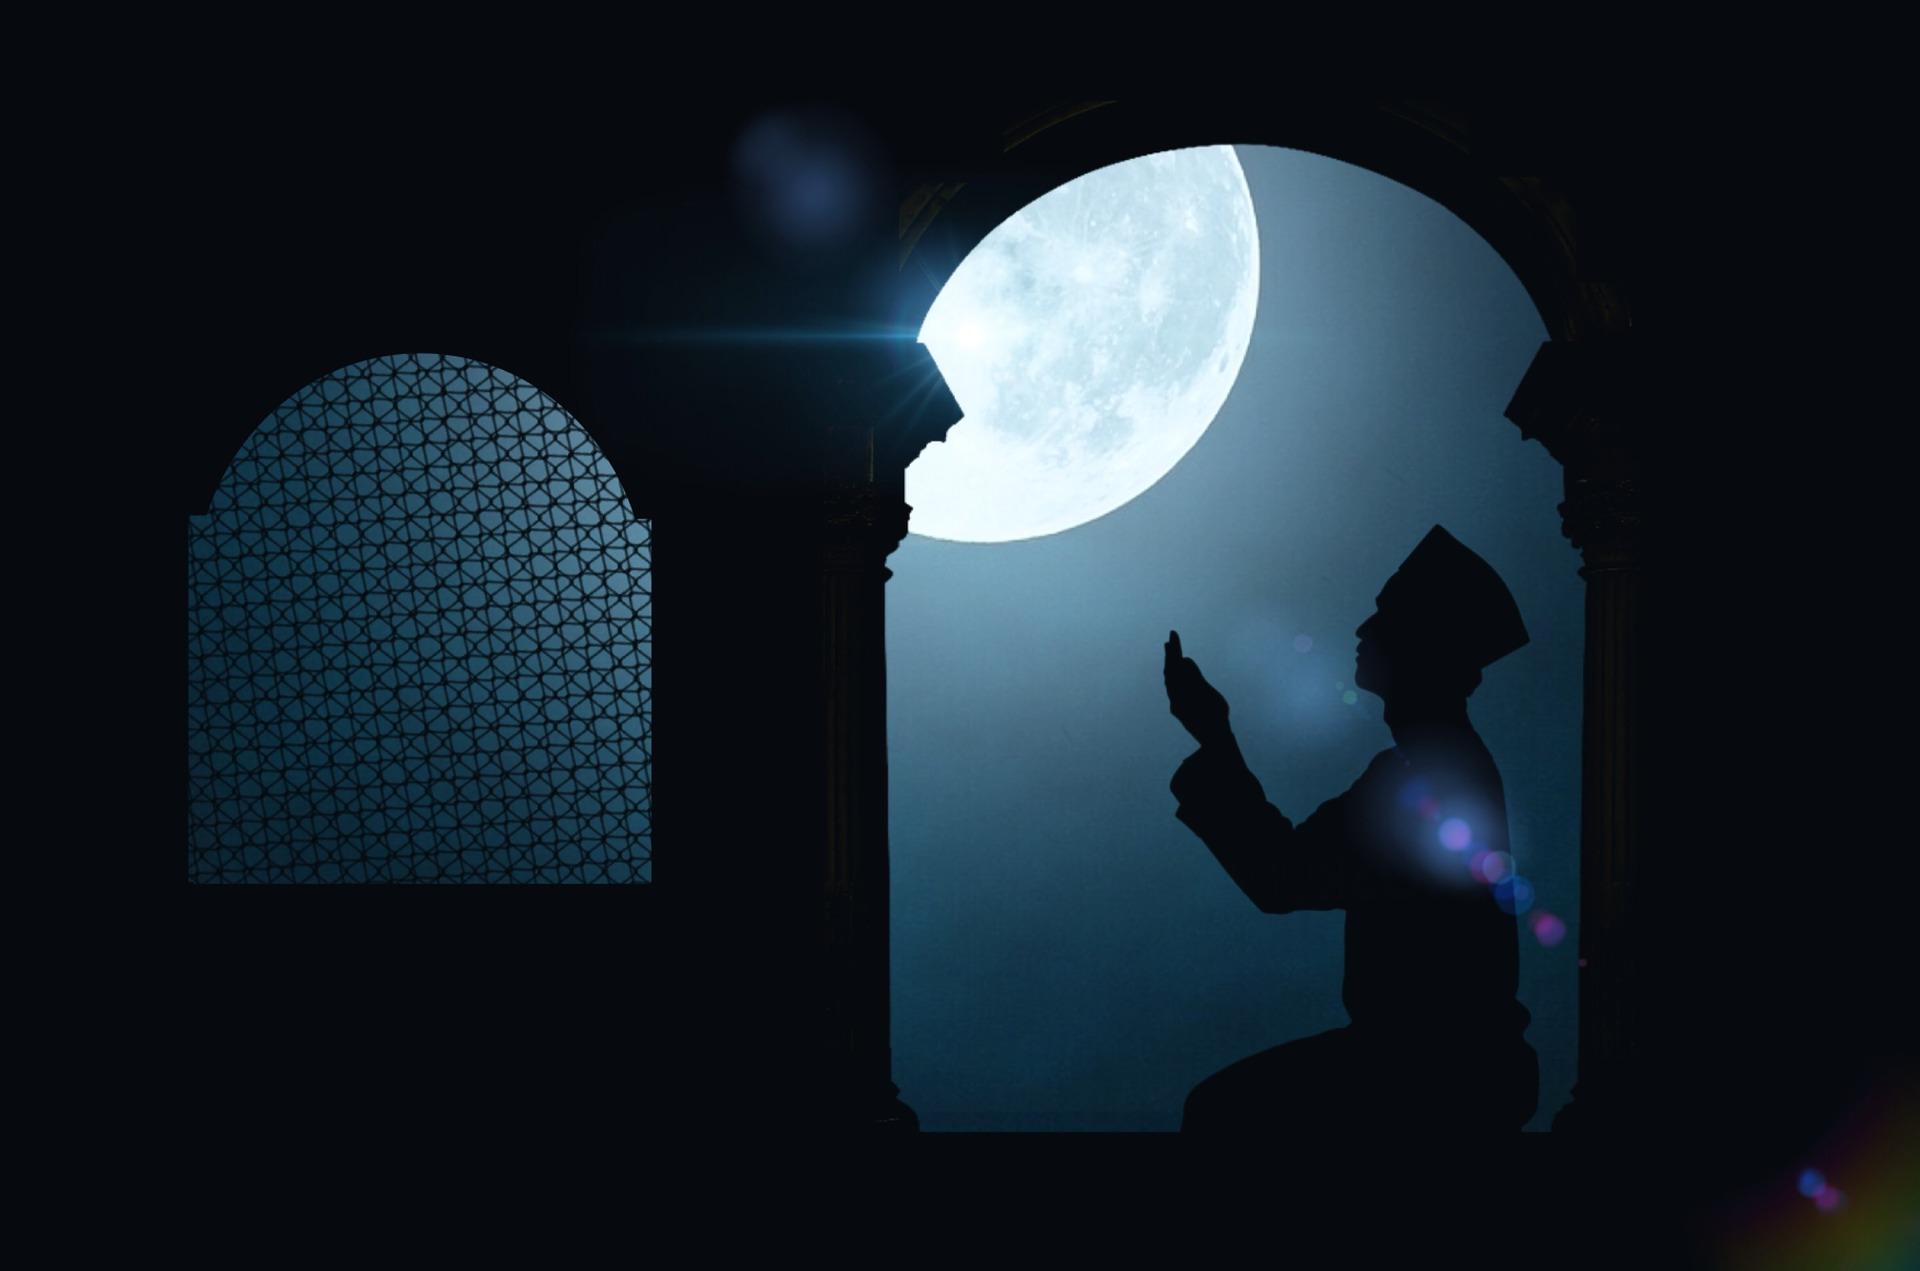 نماز شب ، فرشتے اور شیطان